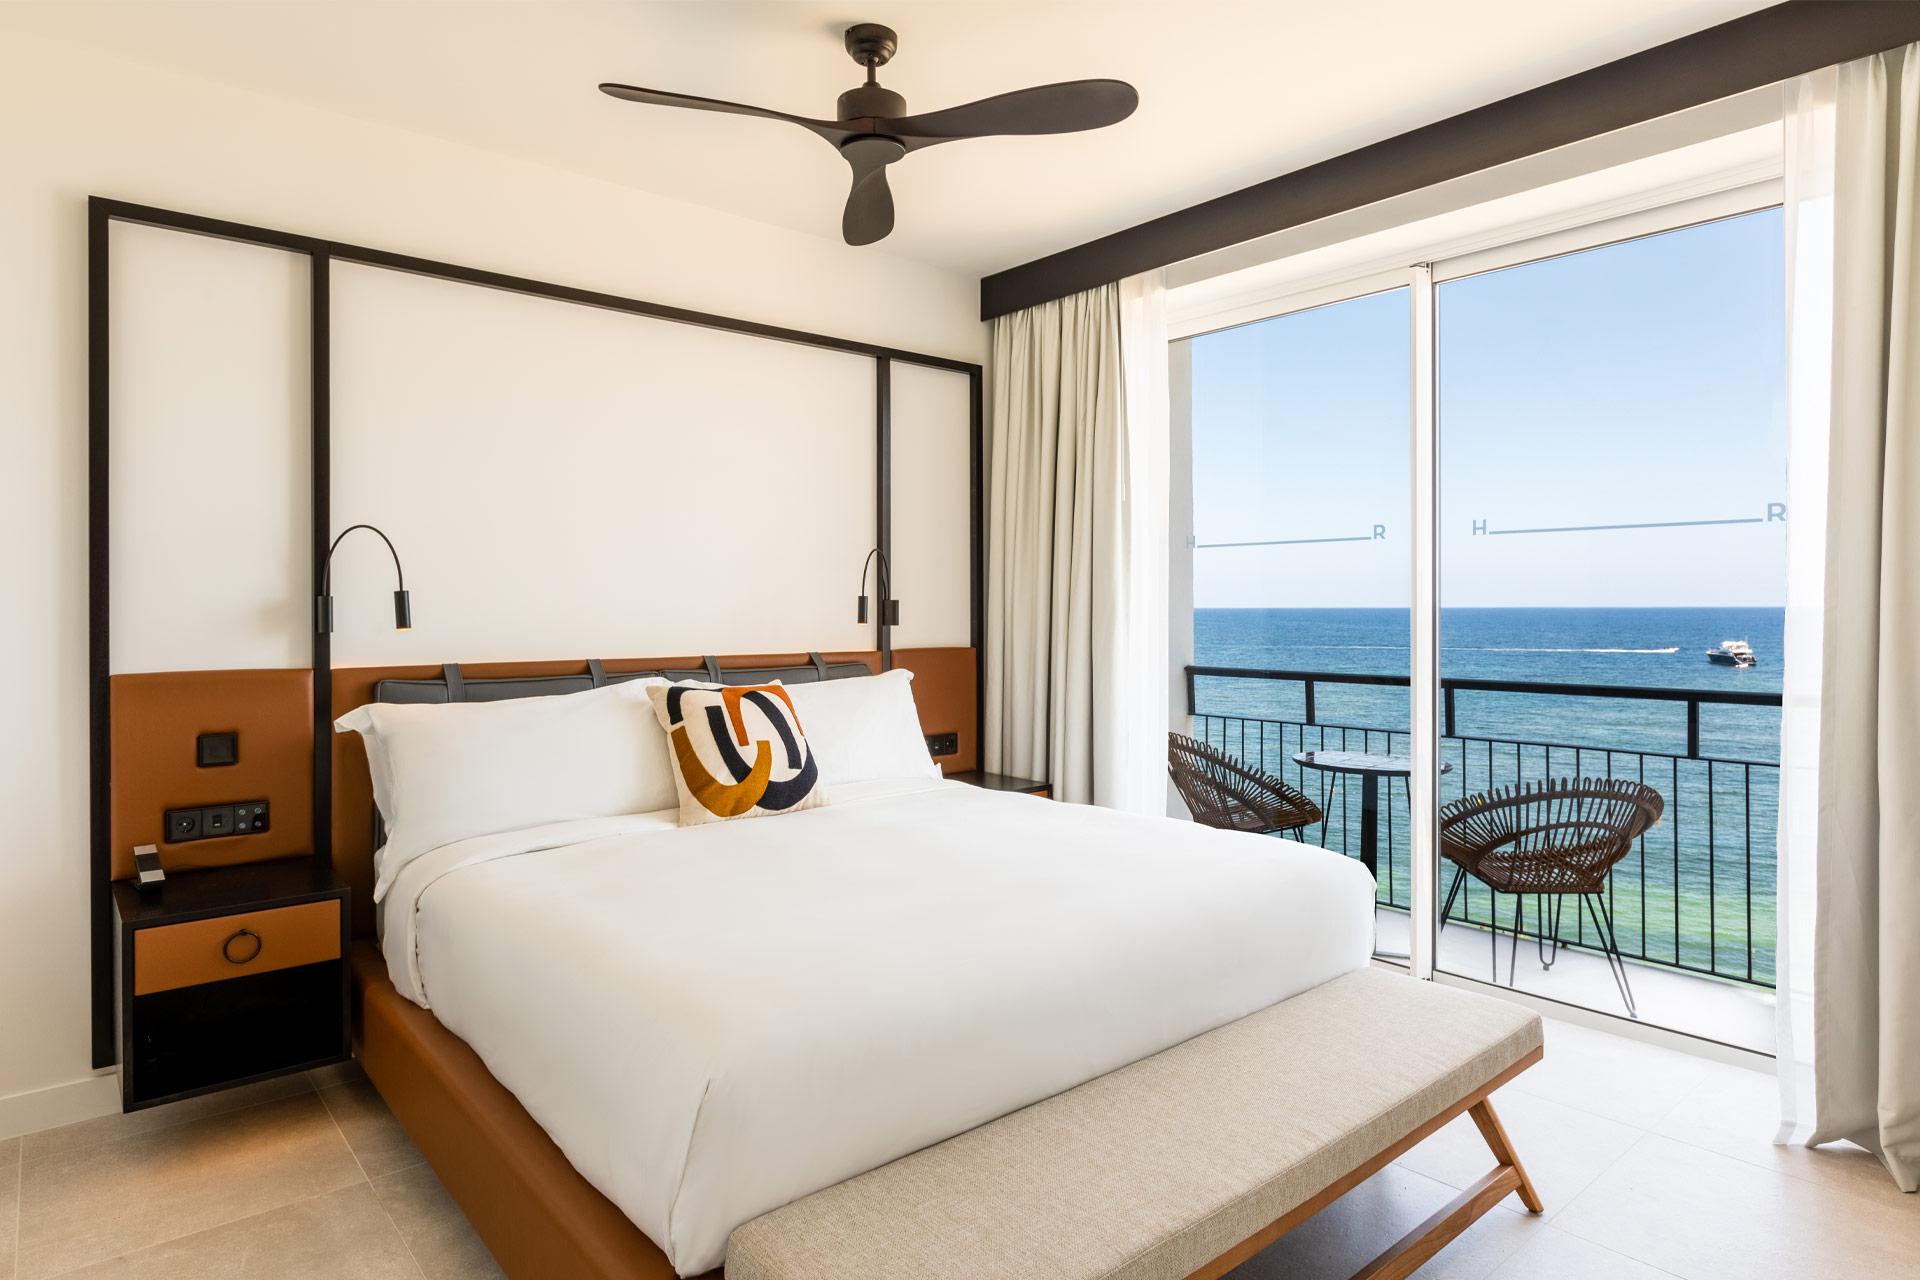 Hotel Riomar in Ibiza